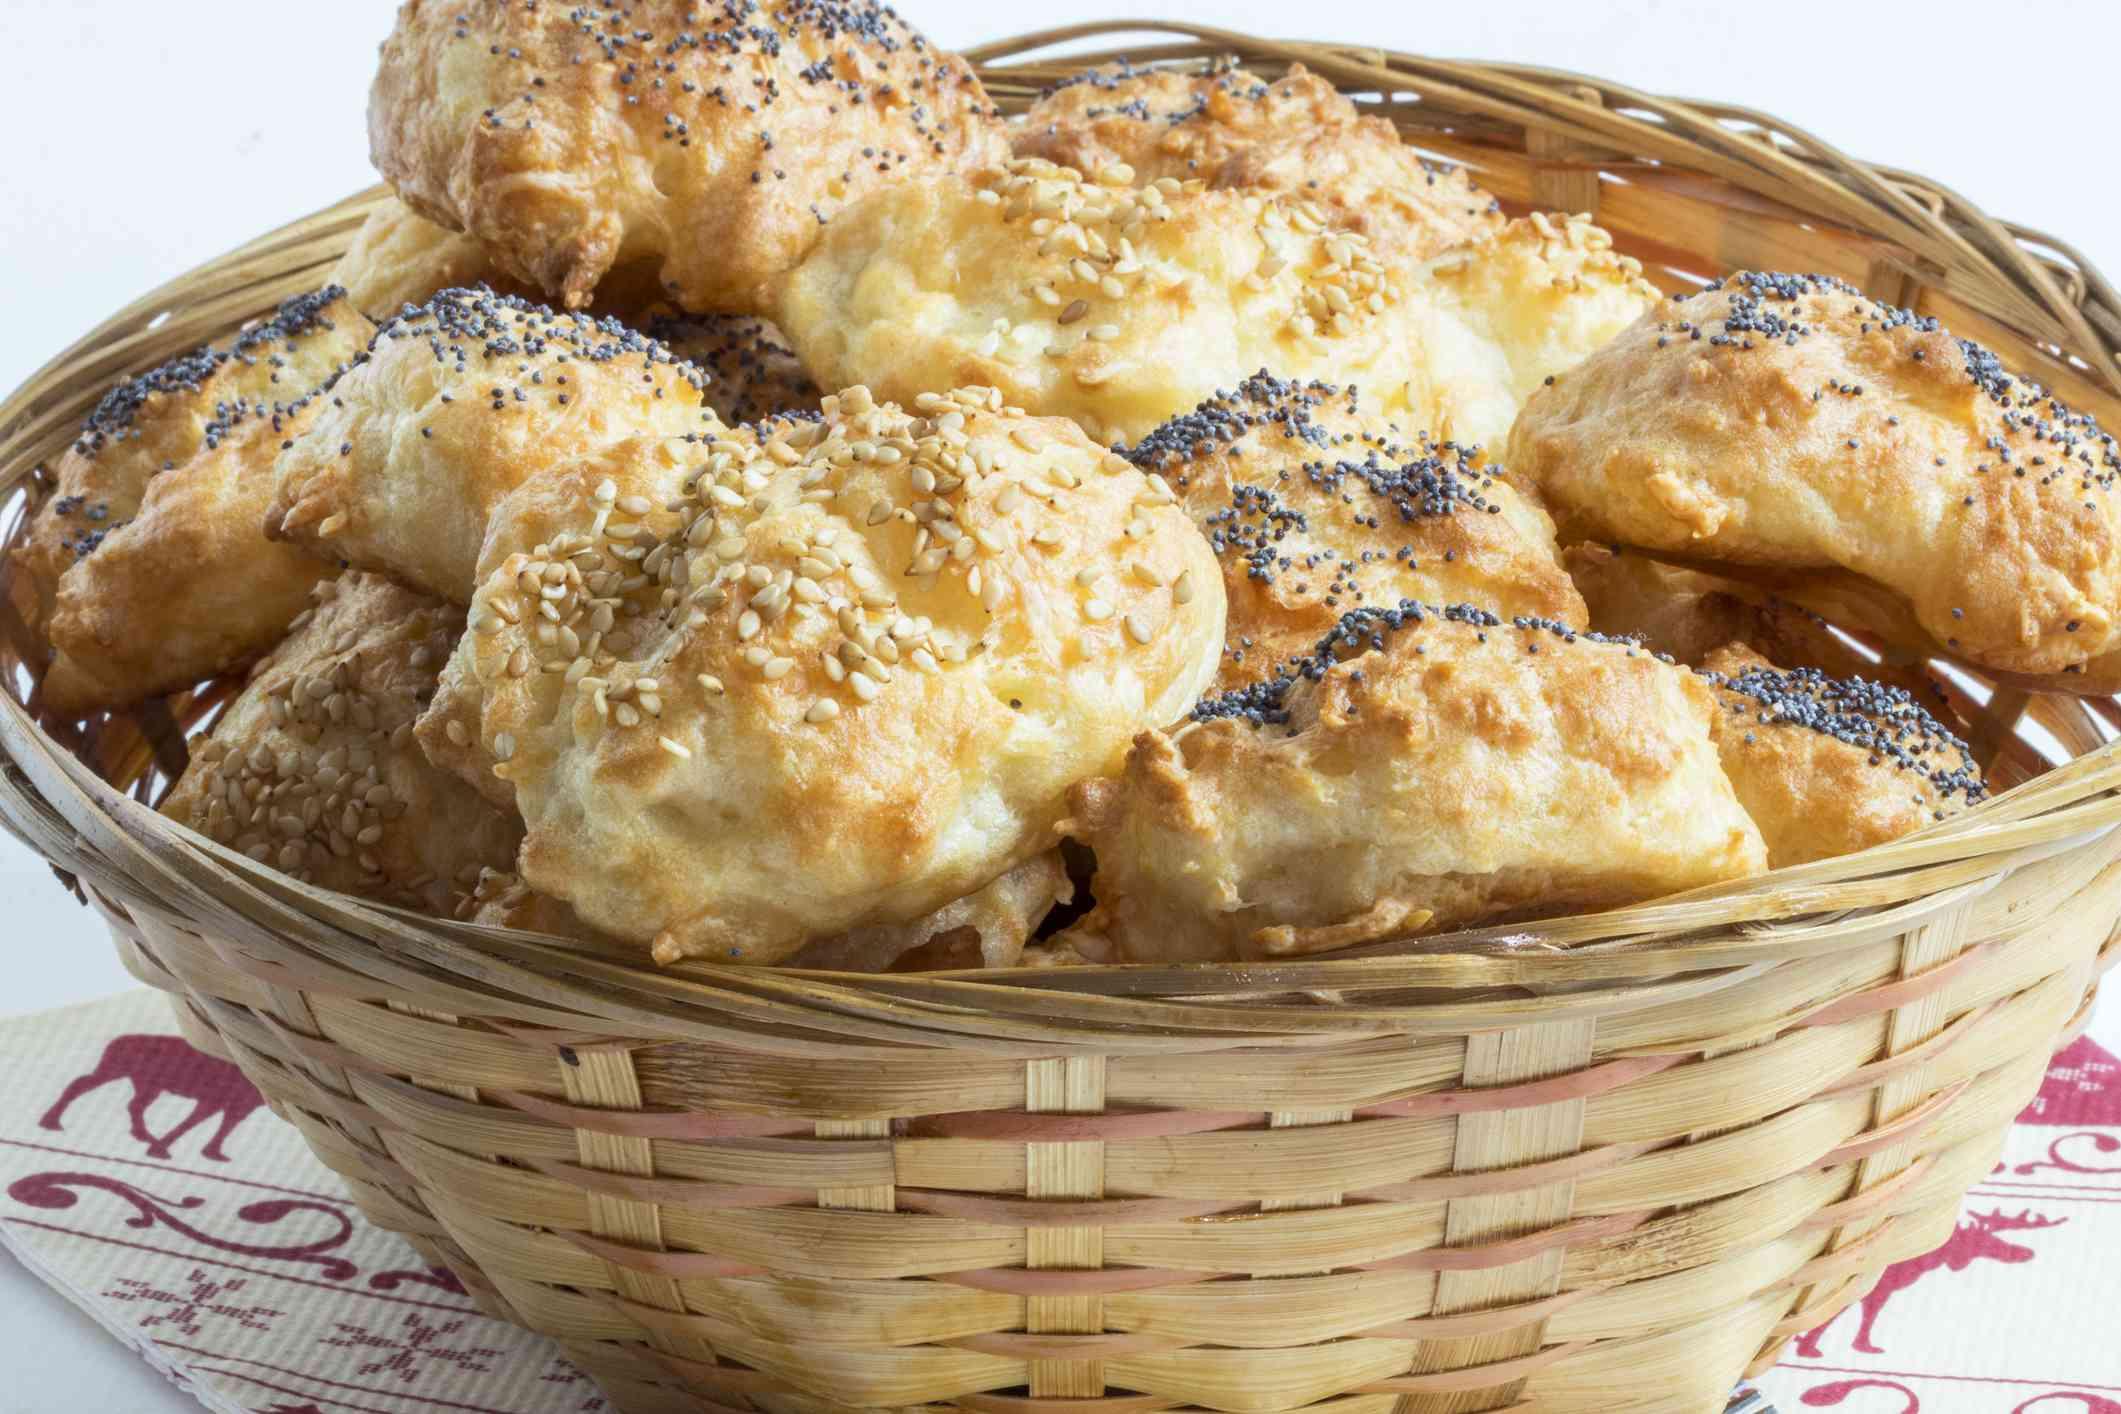 Gougères (cheese puffs)